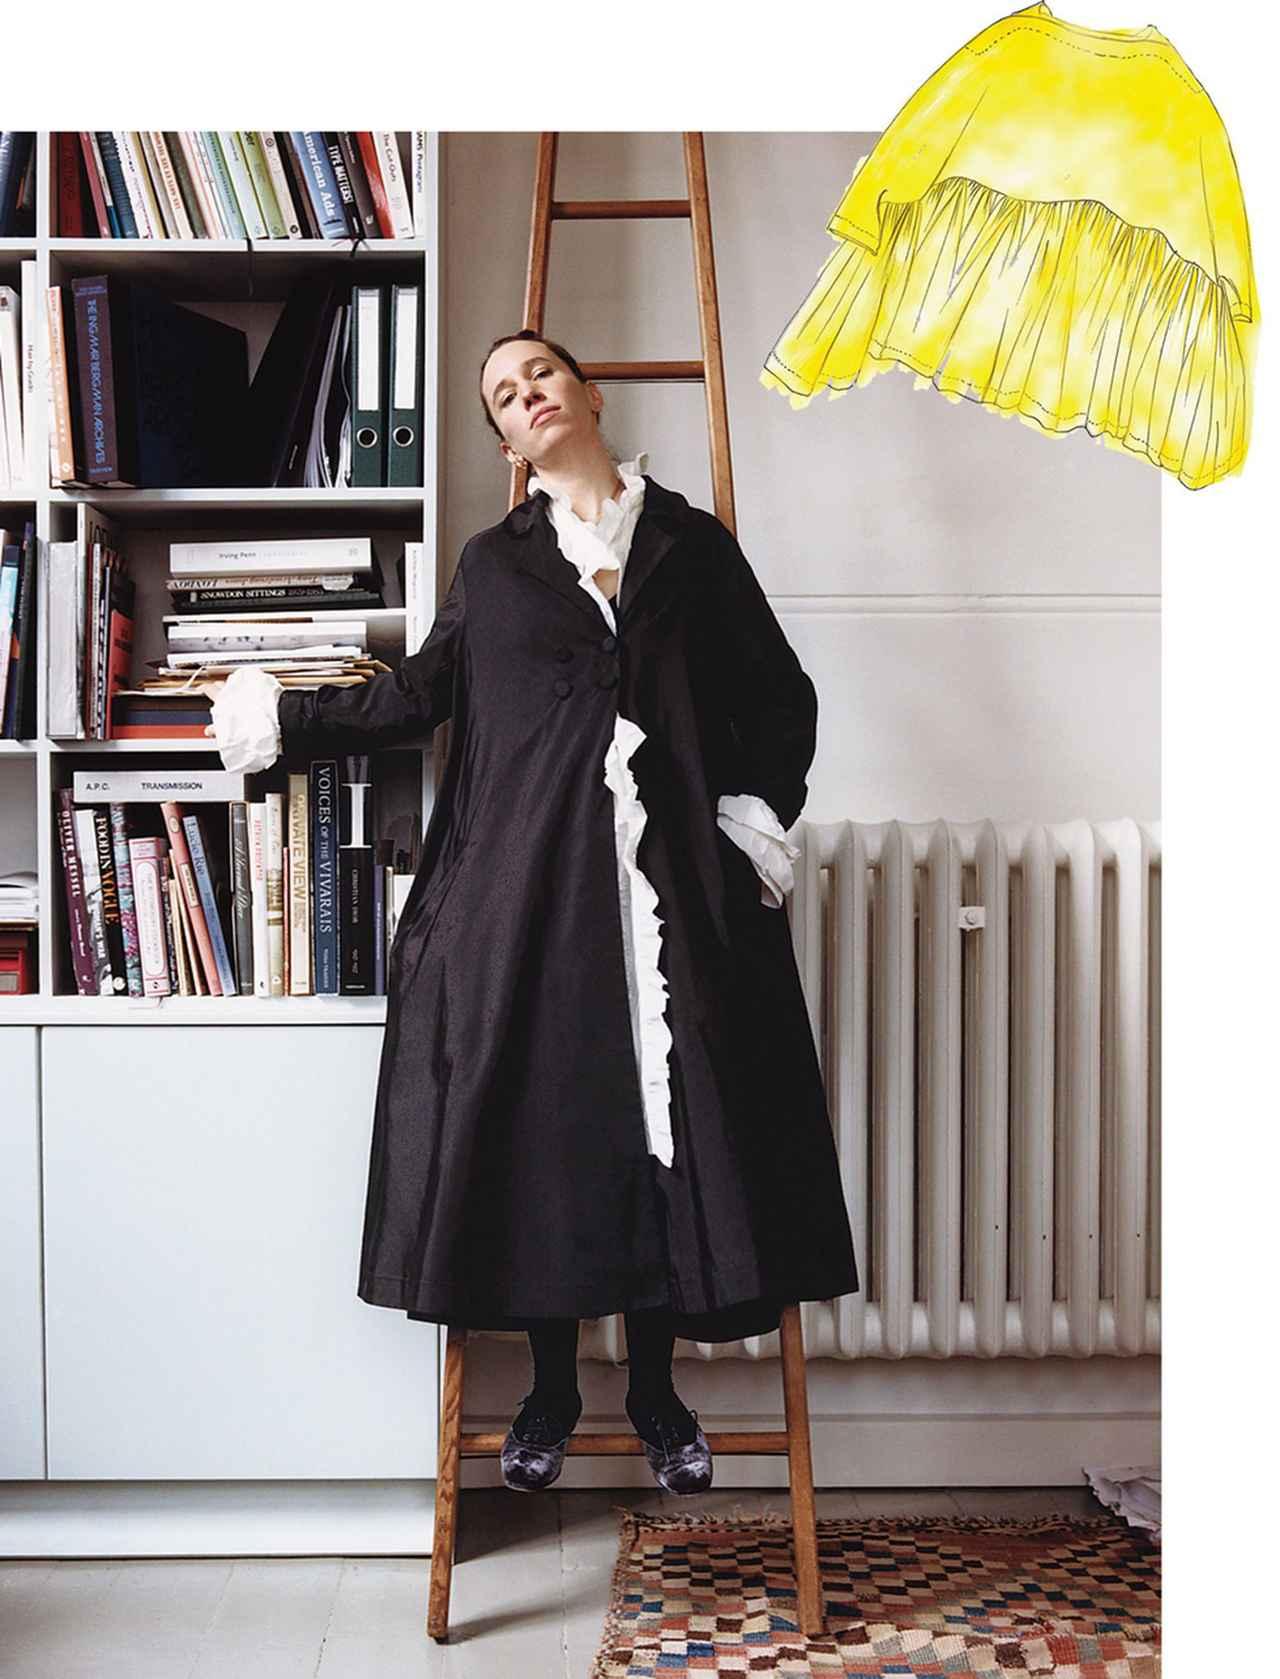 Images : 3番目の画像 - 「ランウェイではなく 「生活のための服」を作る 3人のデザイナー」のアルバム - T JAPAN:The New York Times Style Magazine 公式サイト